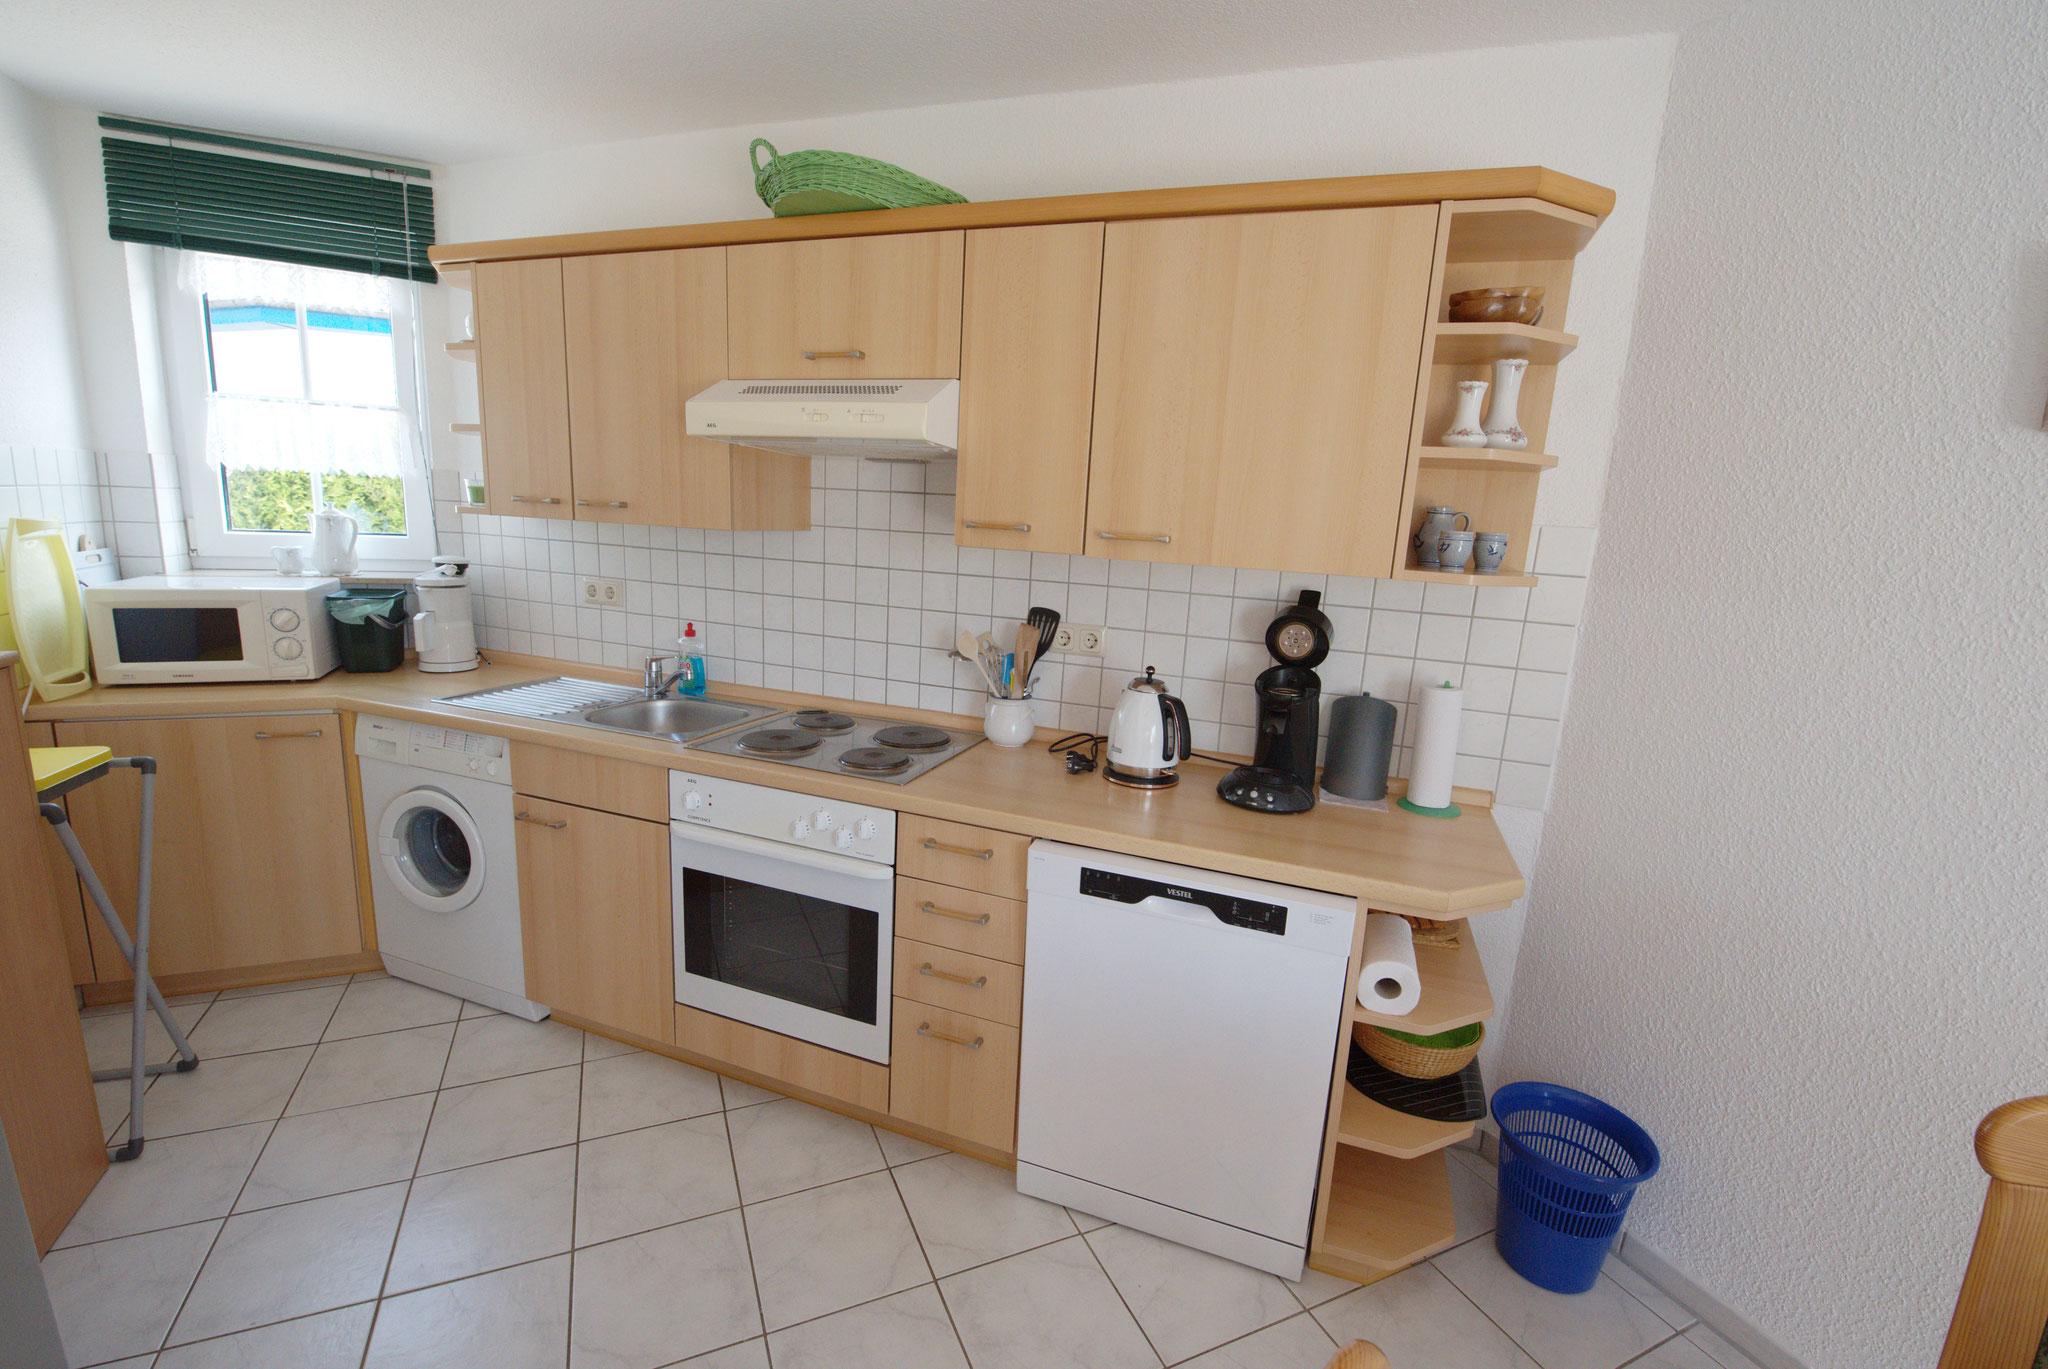 Einbauküche mit Waschmaschine, Geschirrspüler und Herd mit Backofen